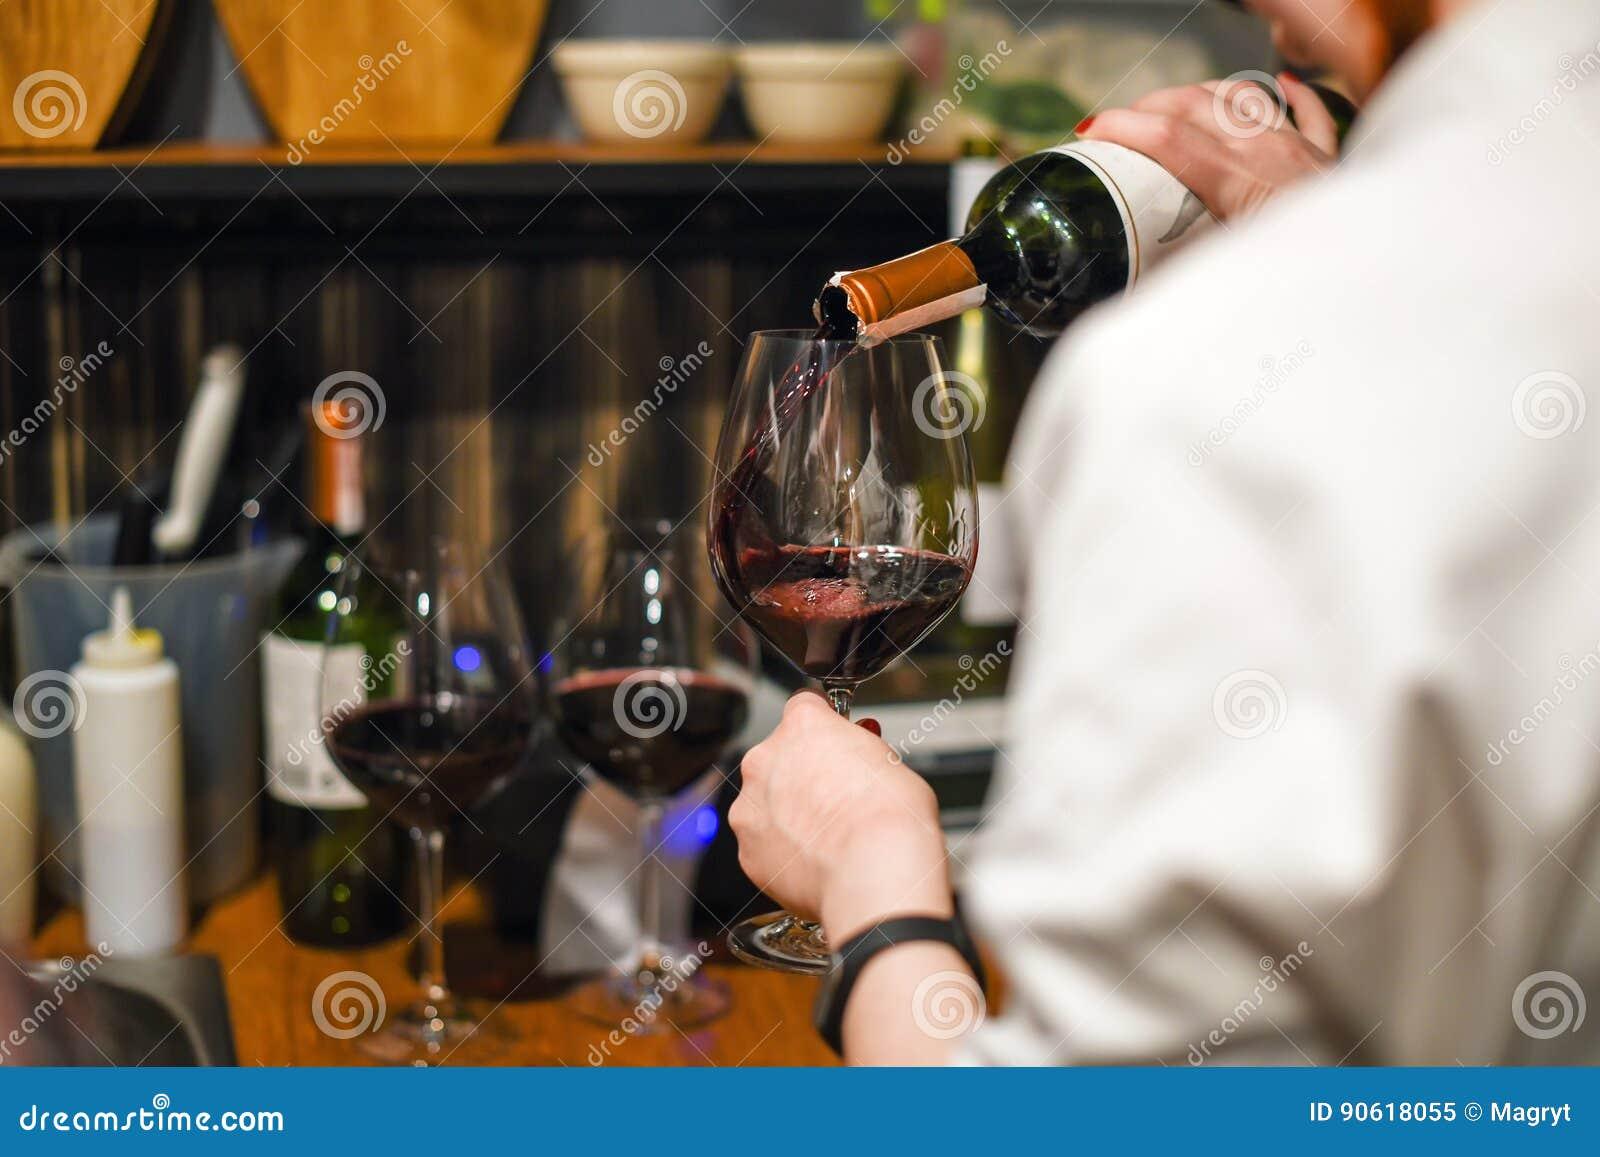 Vino de colada del camarero Sommelier experto que vierte el vino rojo en el vidrio Mujer que sostiene la botella y la copa que se